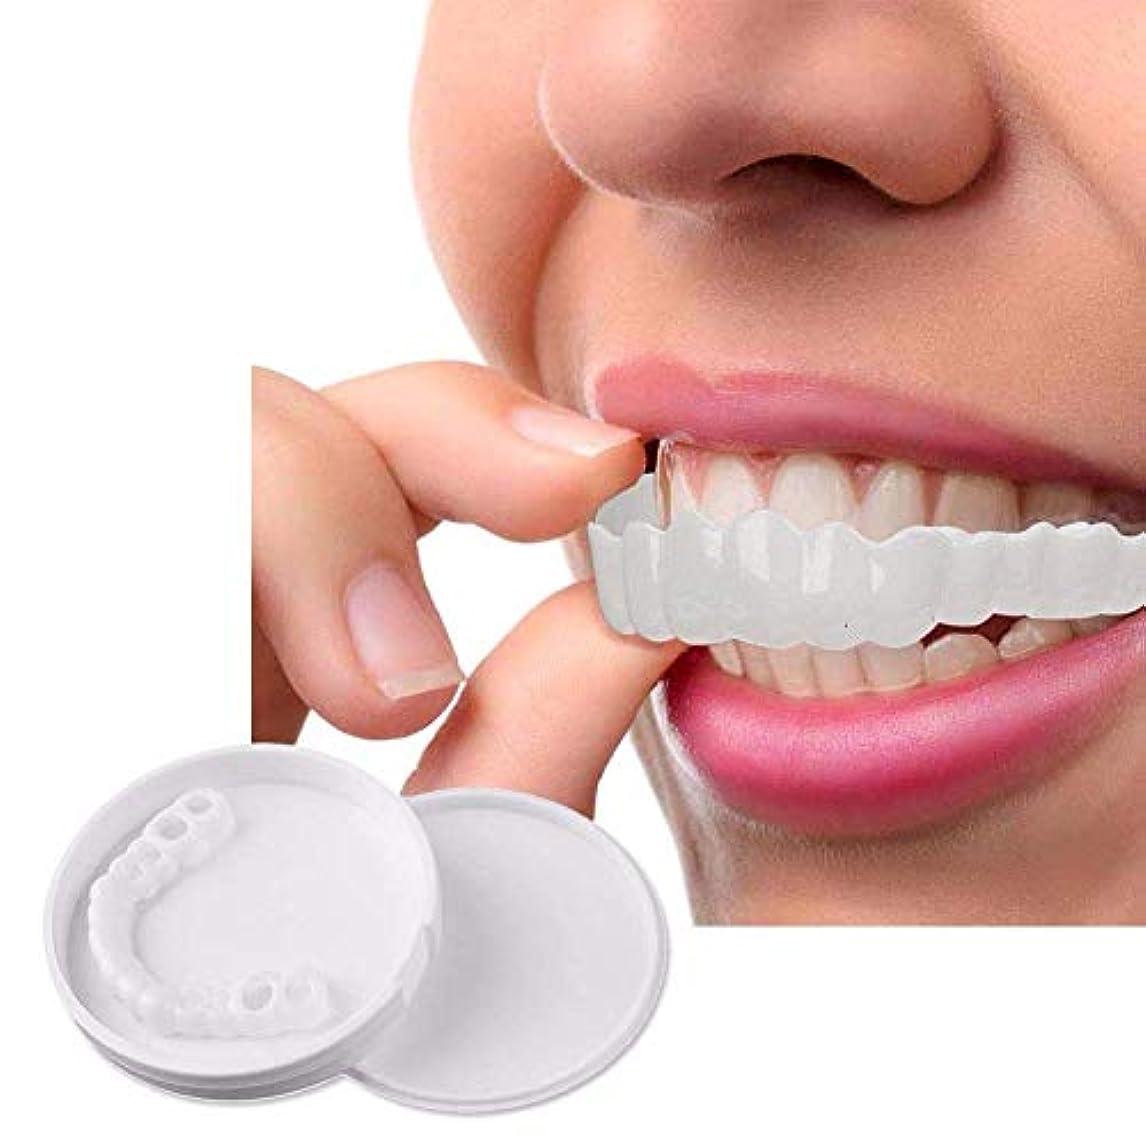 おもてなし松約束する10ピースホワイトニングスナップオンスマイルパーフェクトスマイルフィット最も快適な義歯ケア入れ歯歯科カバーでボックス,Upperteeth5Lowerteeth5Pcs